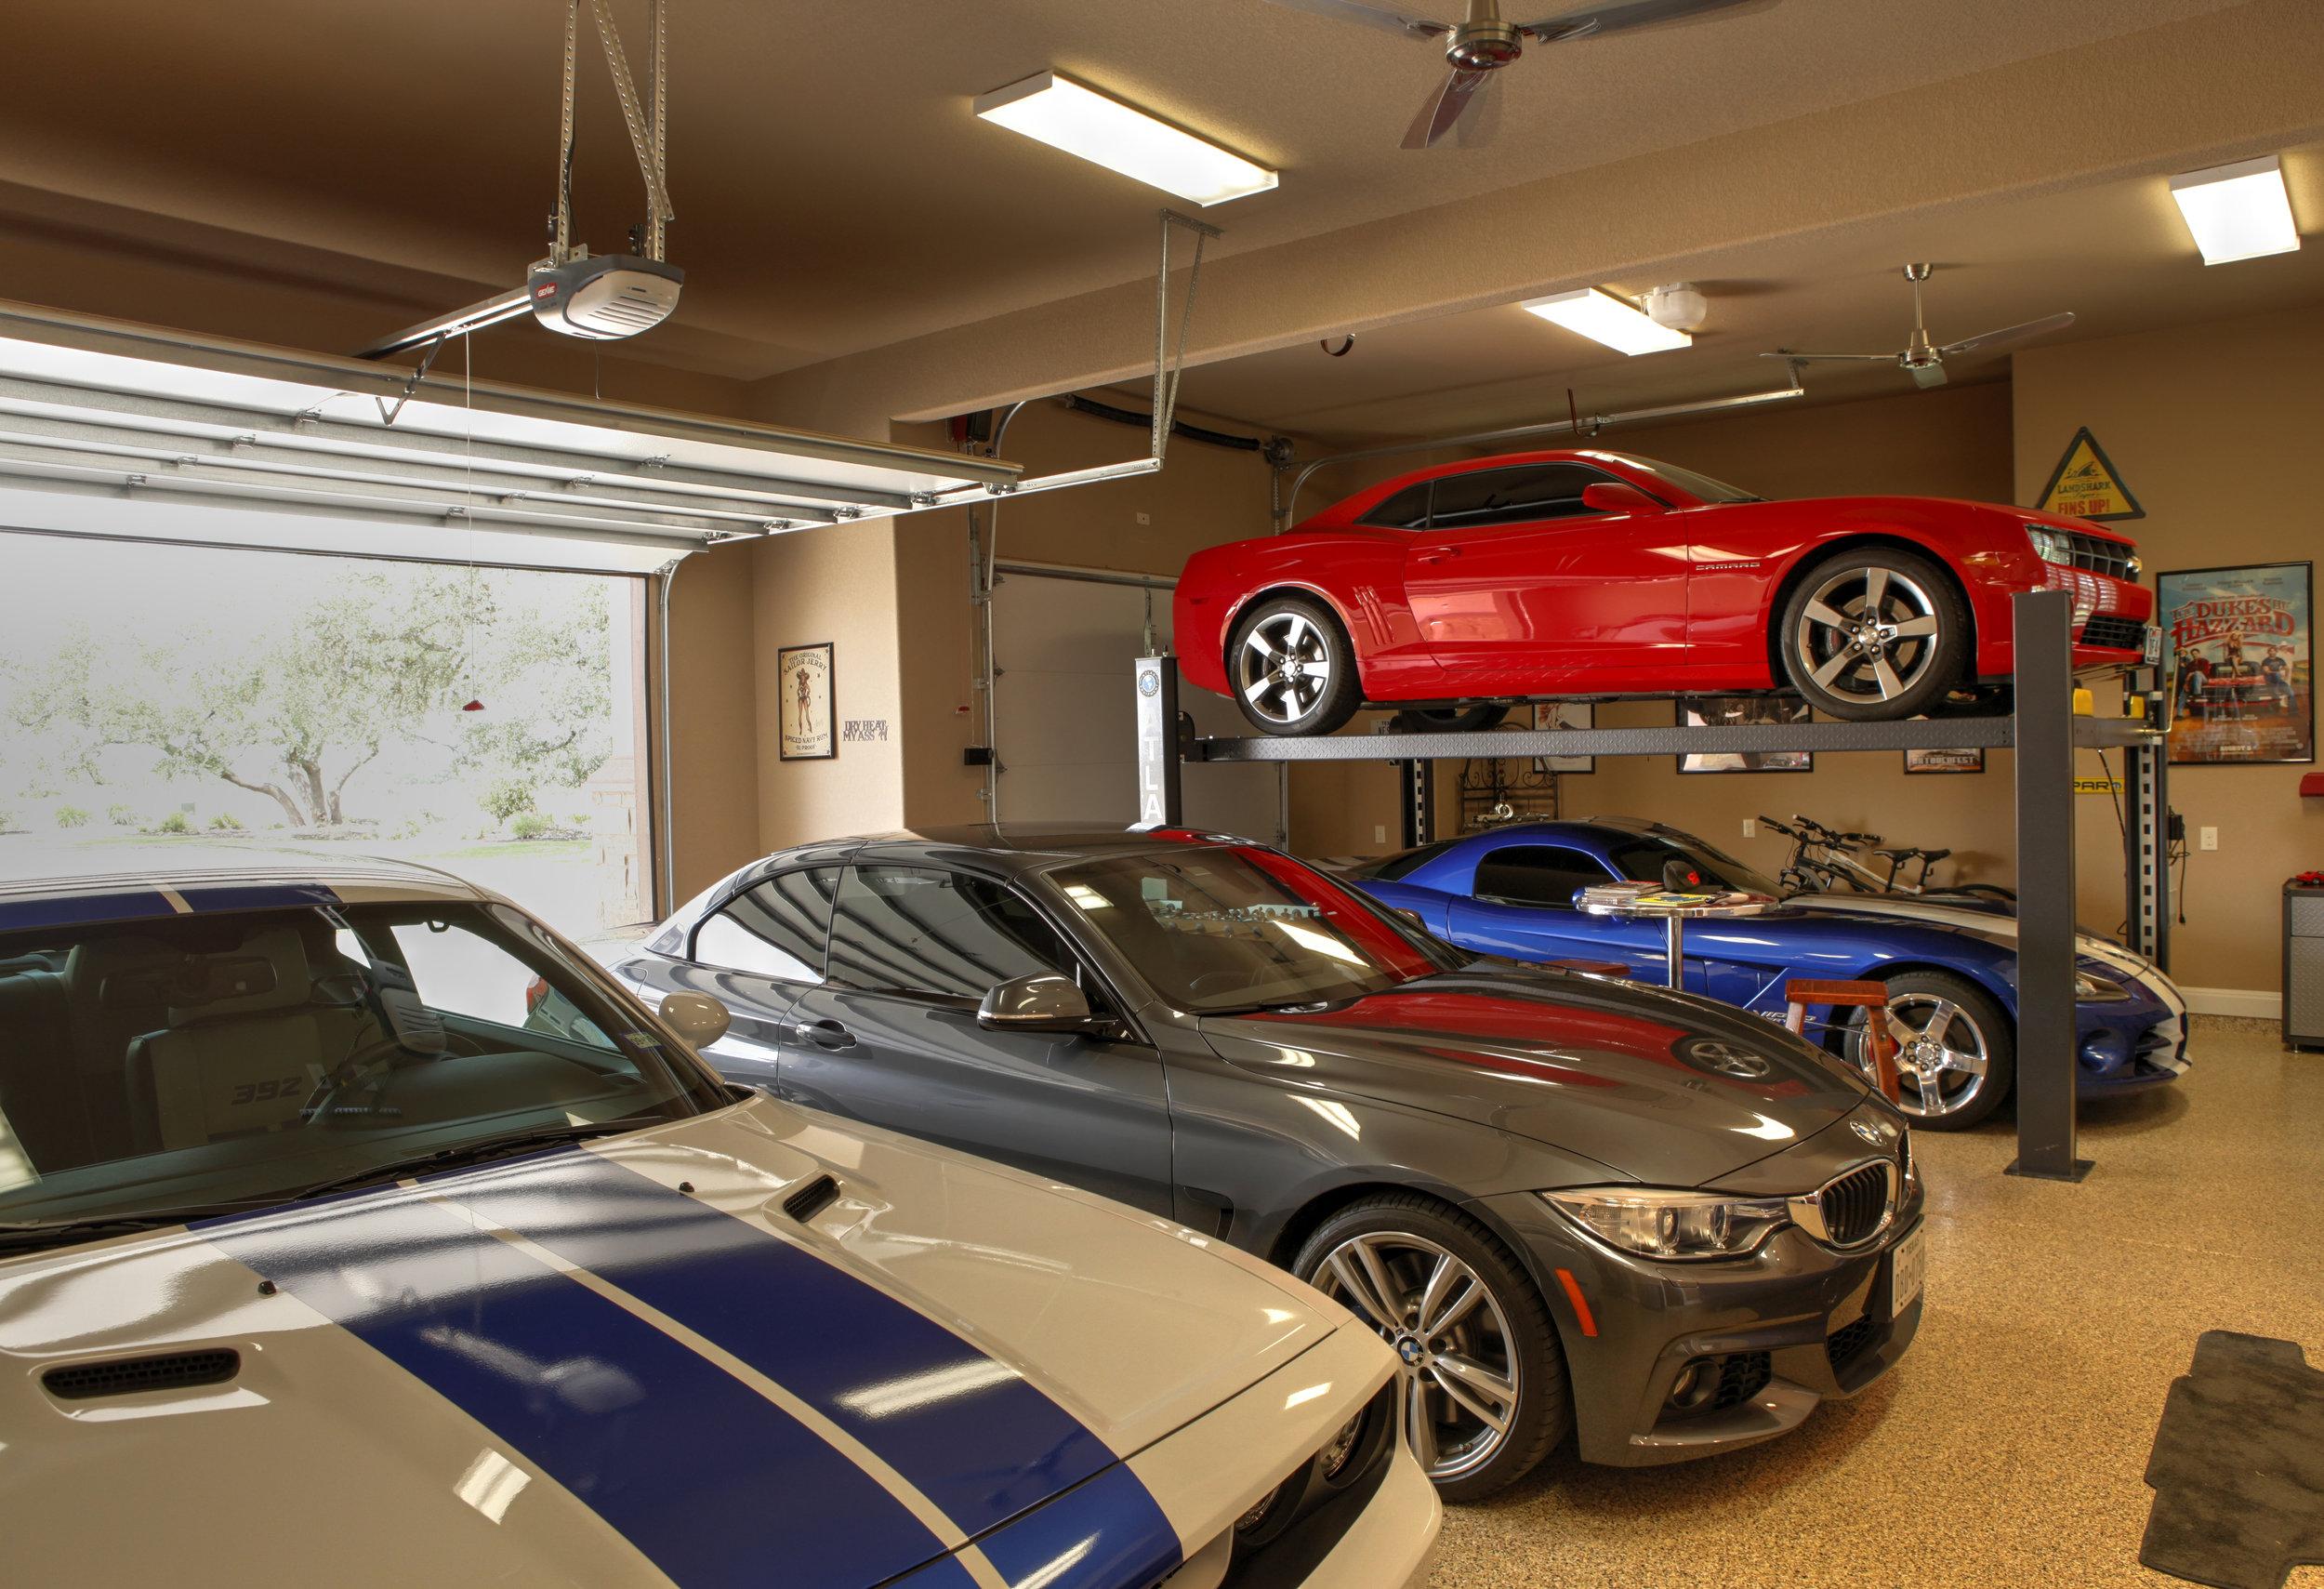 27-cars 1.jpg